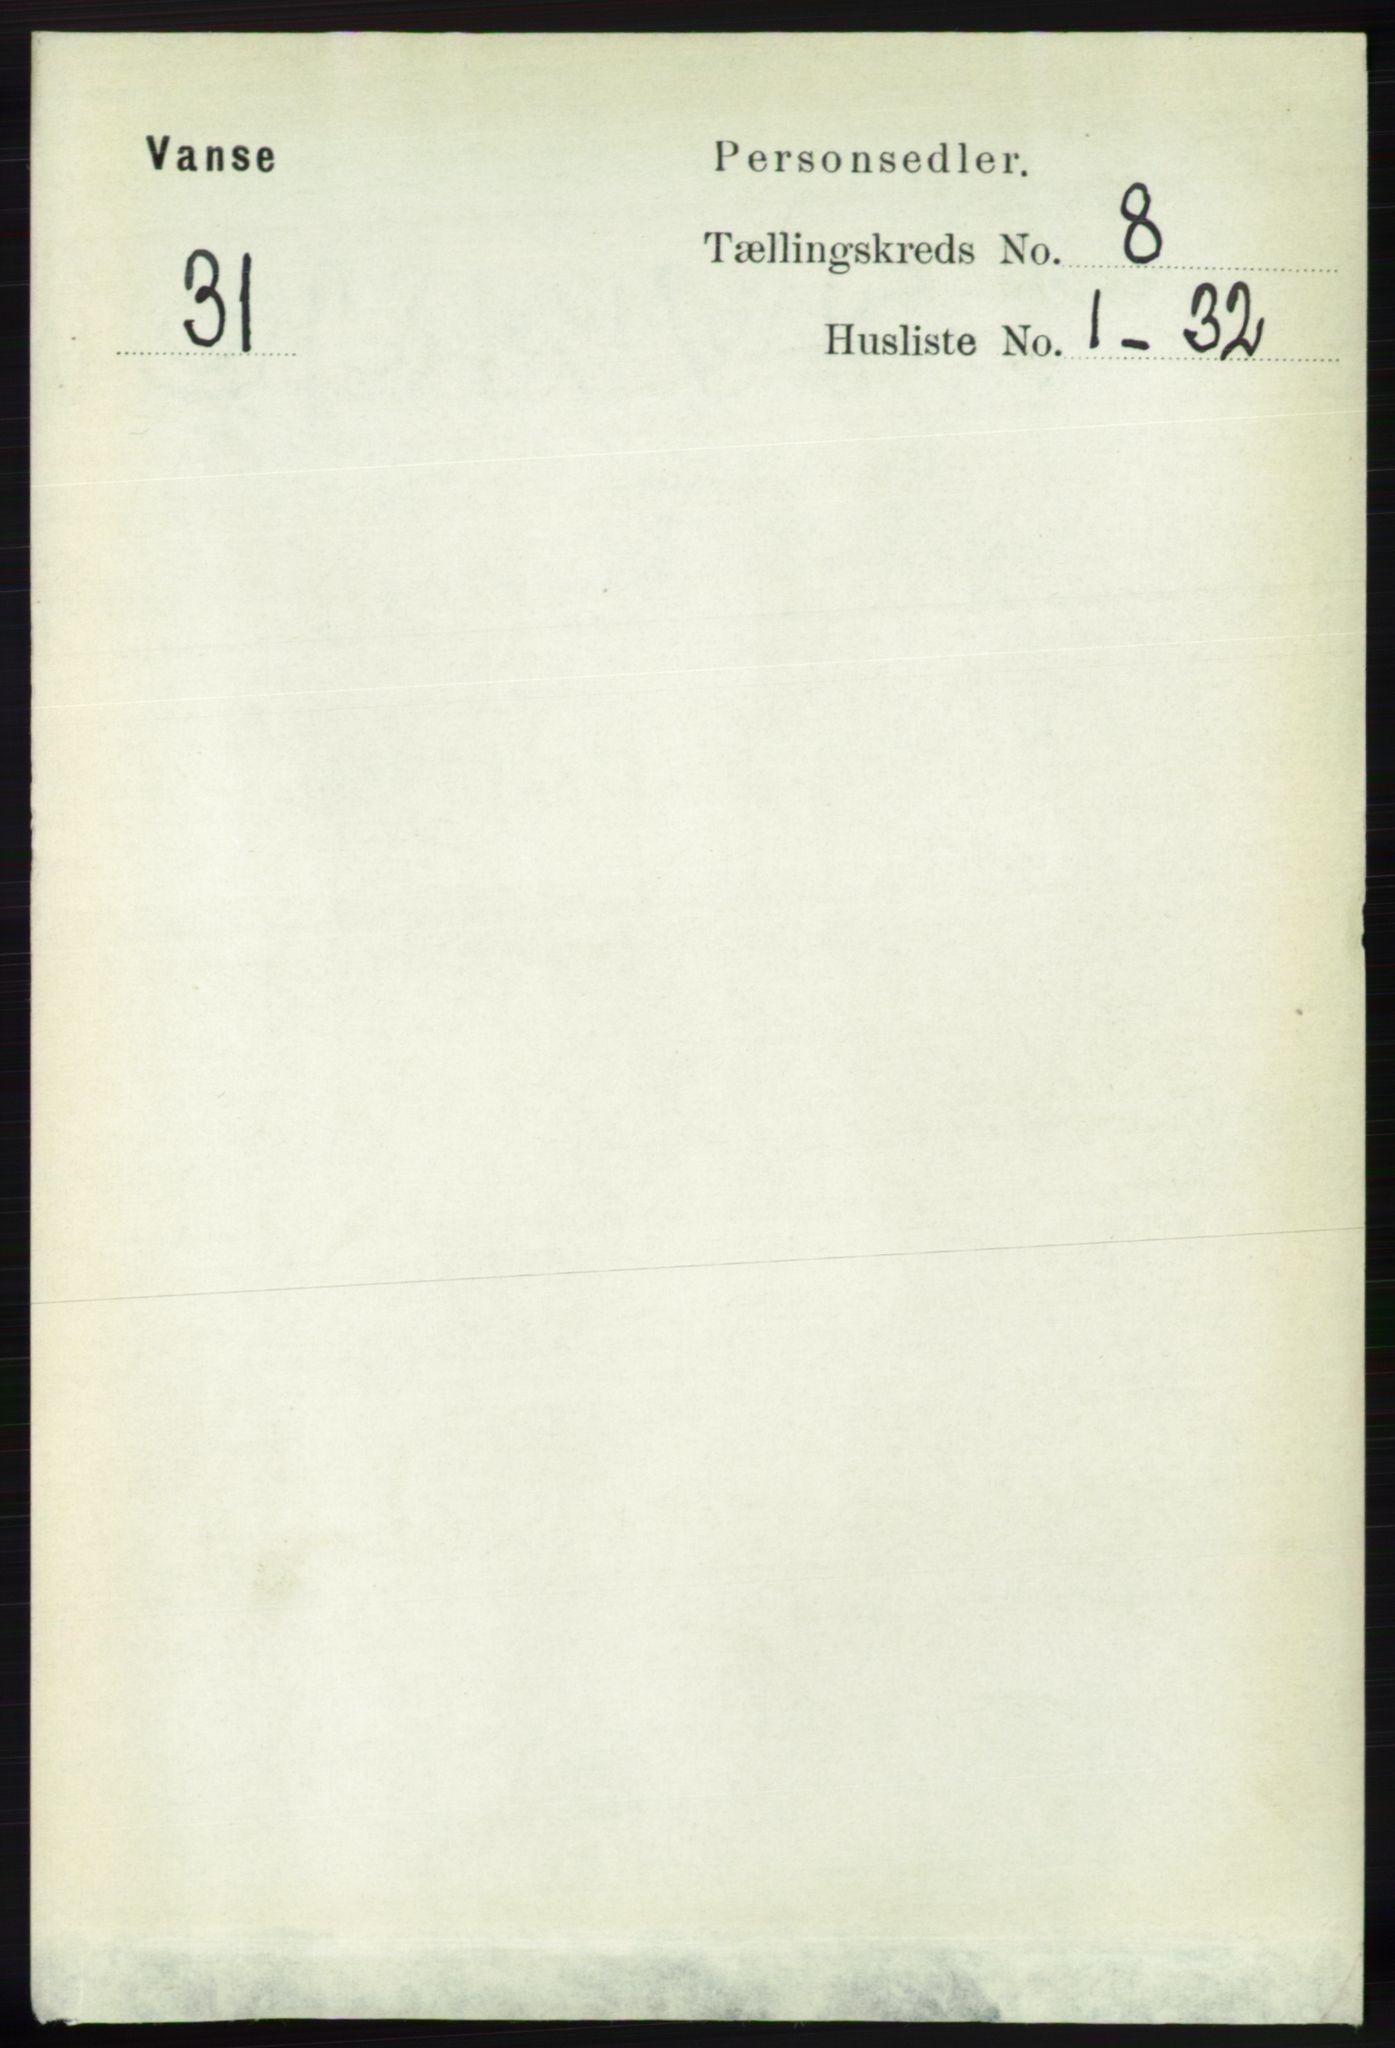 RA, Folketelling 1891 for 1041 Vanse herred, 1891, s. 4905